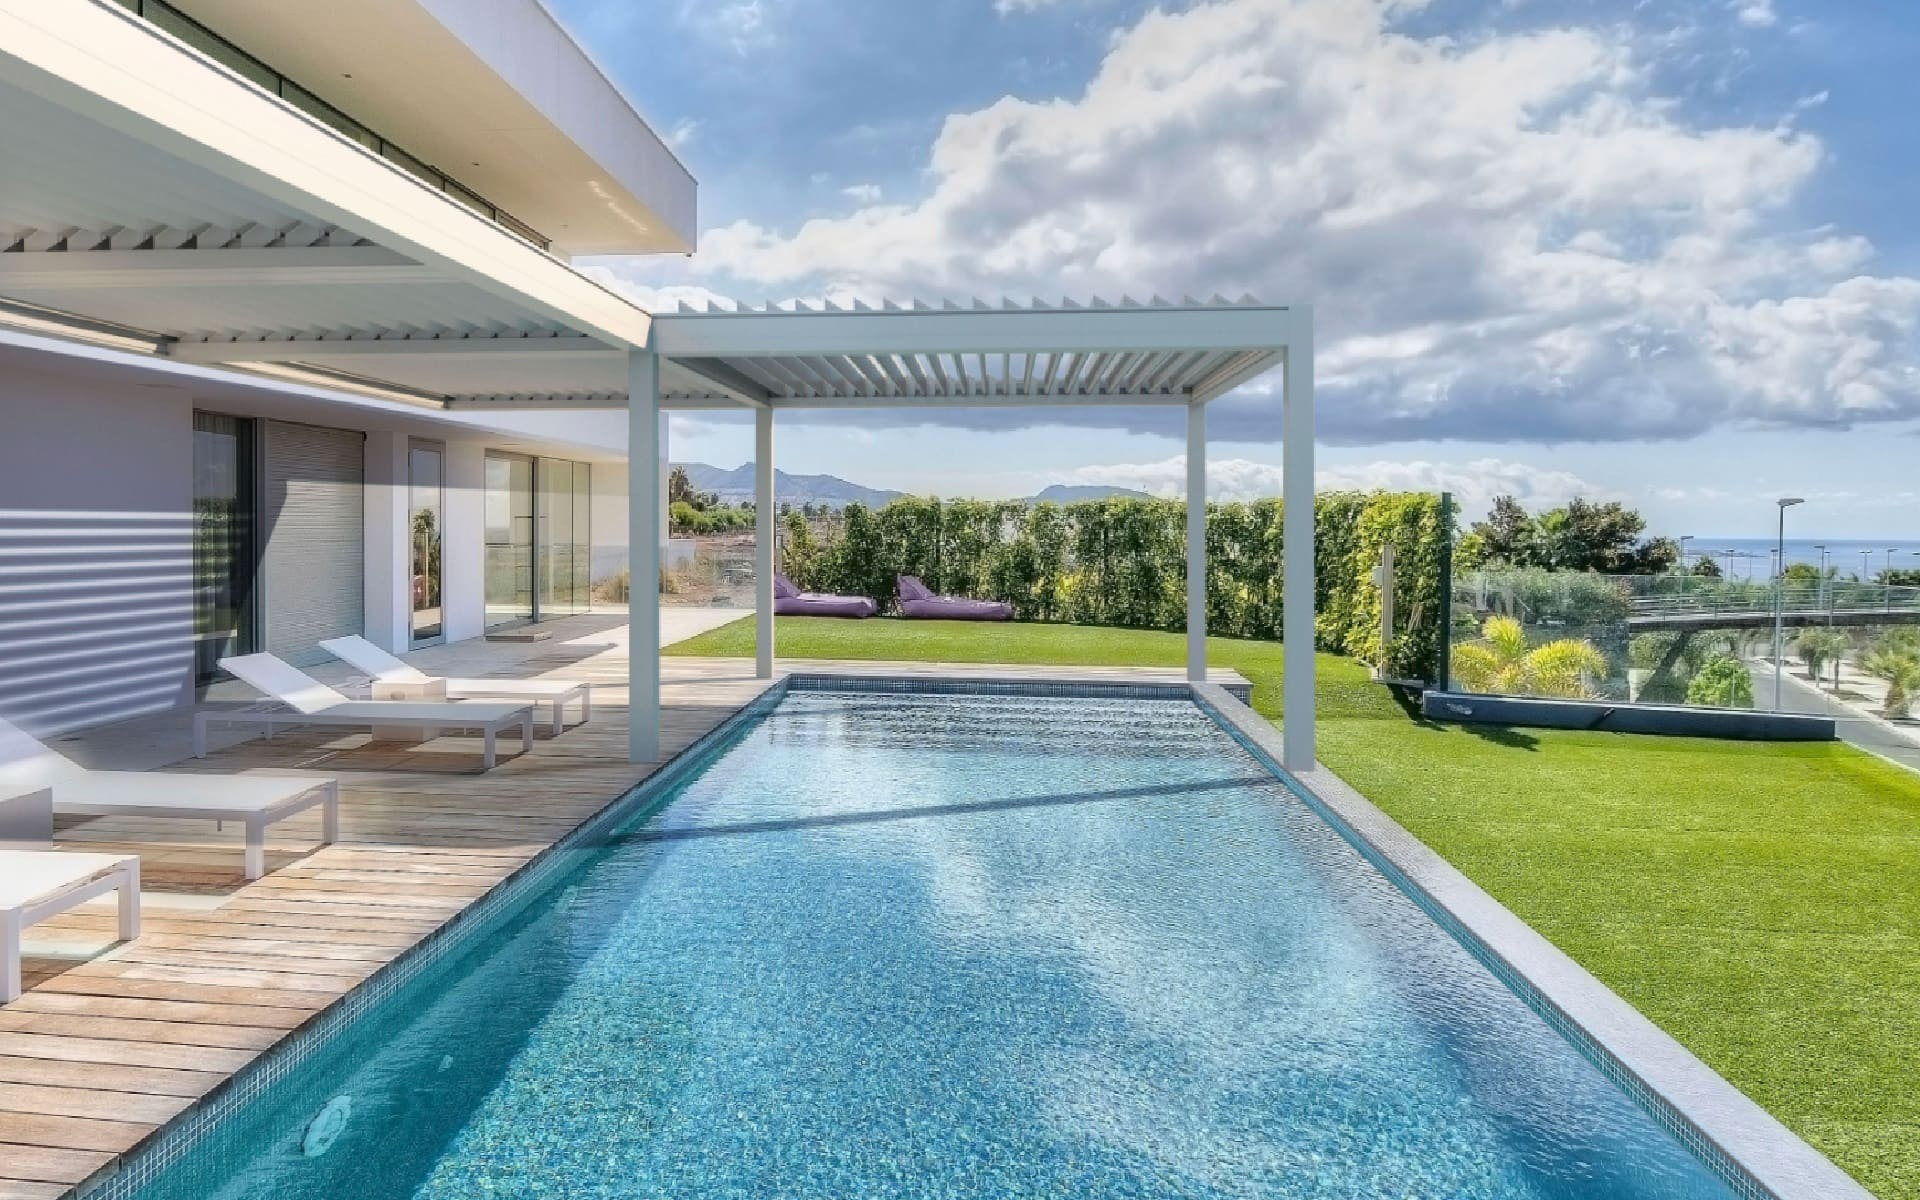 Poolüberdachung für optimalen Sonnenschutz